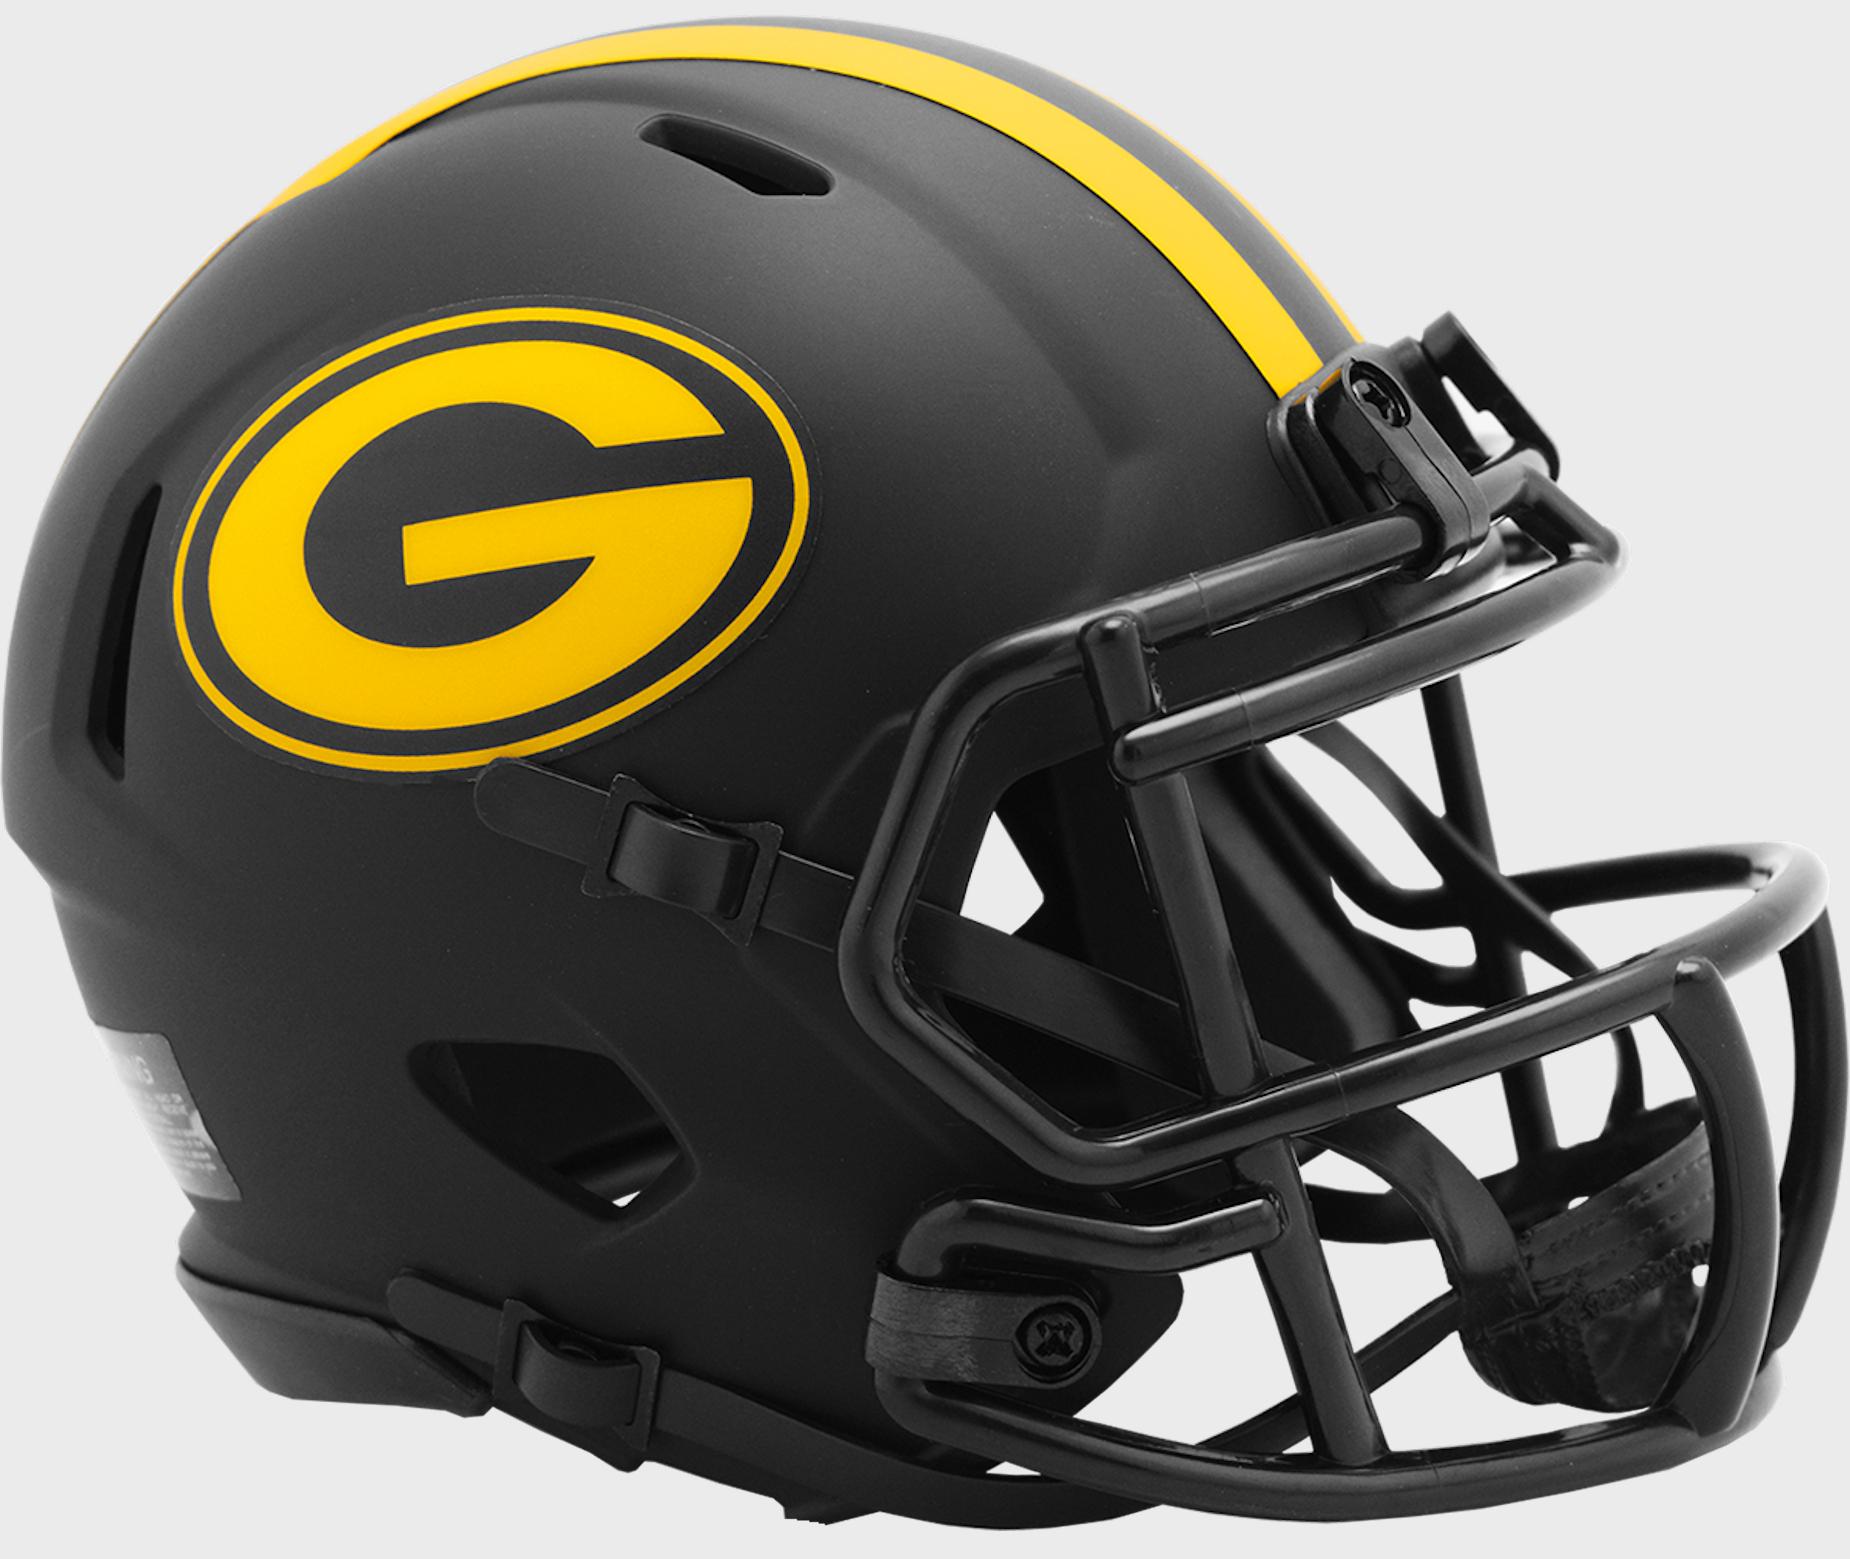 Green Bay Packers NFL Mini Speed Football Helmet <B>ECLIPSE</B>